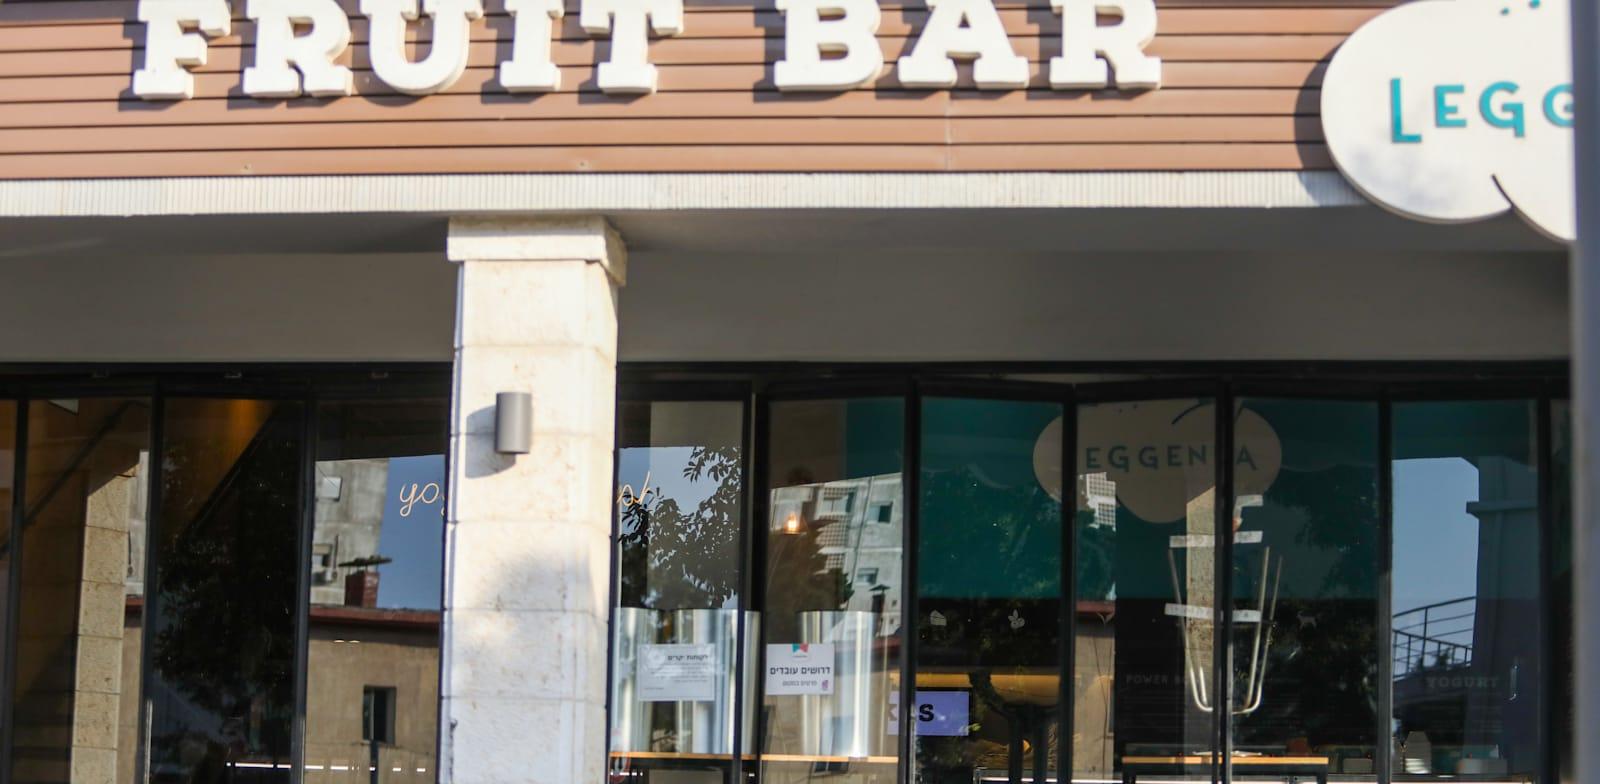 חנויות סגורות בחיפה במהלך סגר 2 / צילום: שלומי יוסף